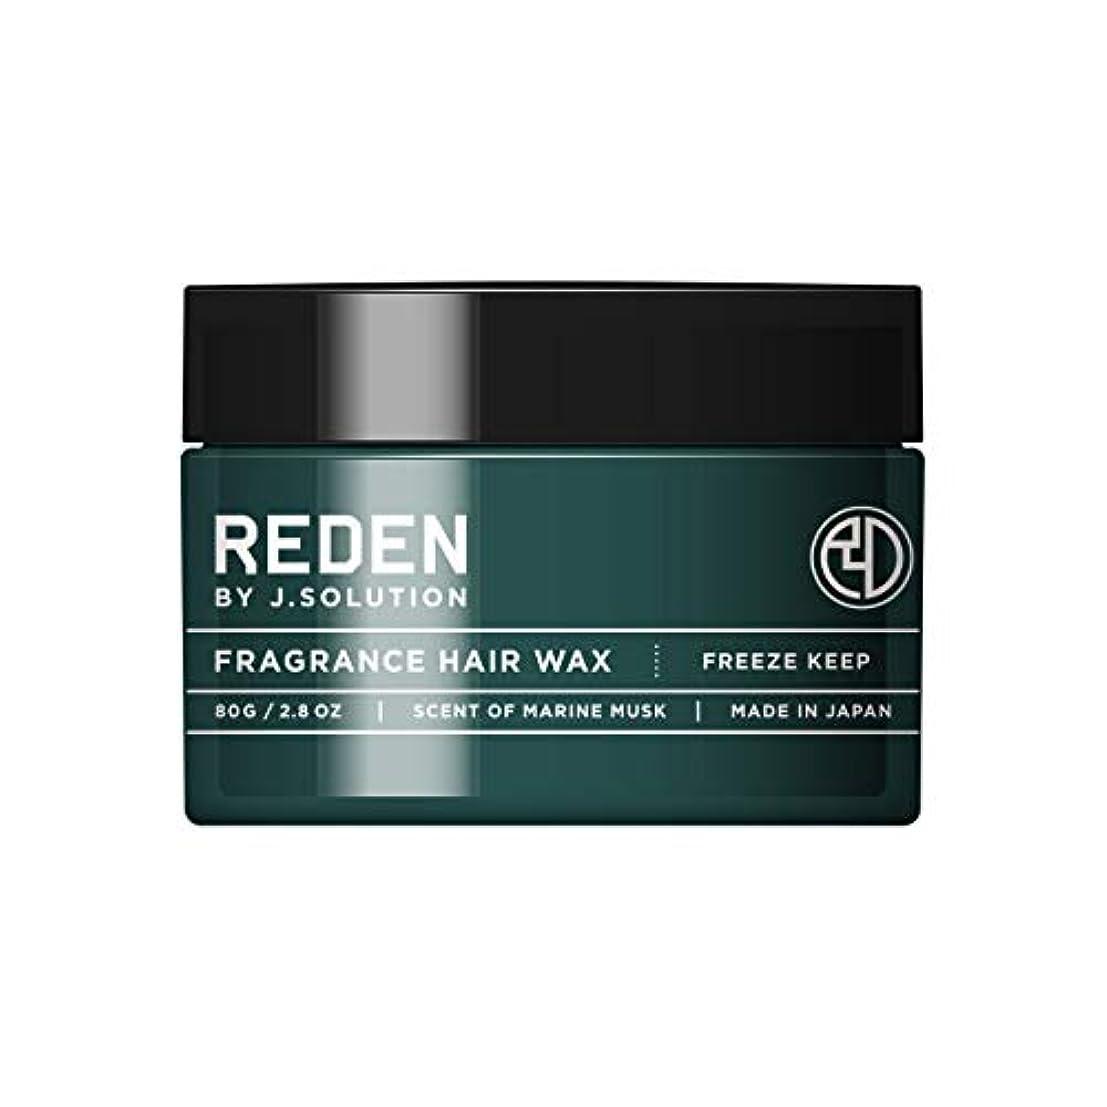 騒権利を与える測定REDEN(リデン) REDEN FRAGRANCE HAIR WAX FREEZE KEEP(リデン フレグランス ヘアワックス フリーズキープ)80ml マリンムスク